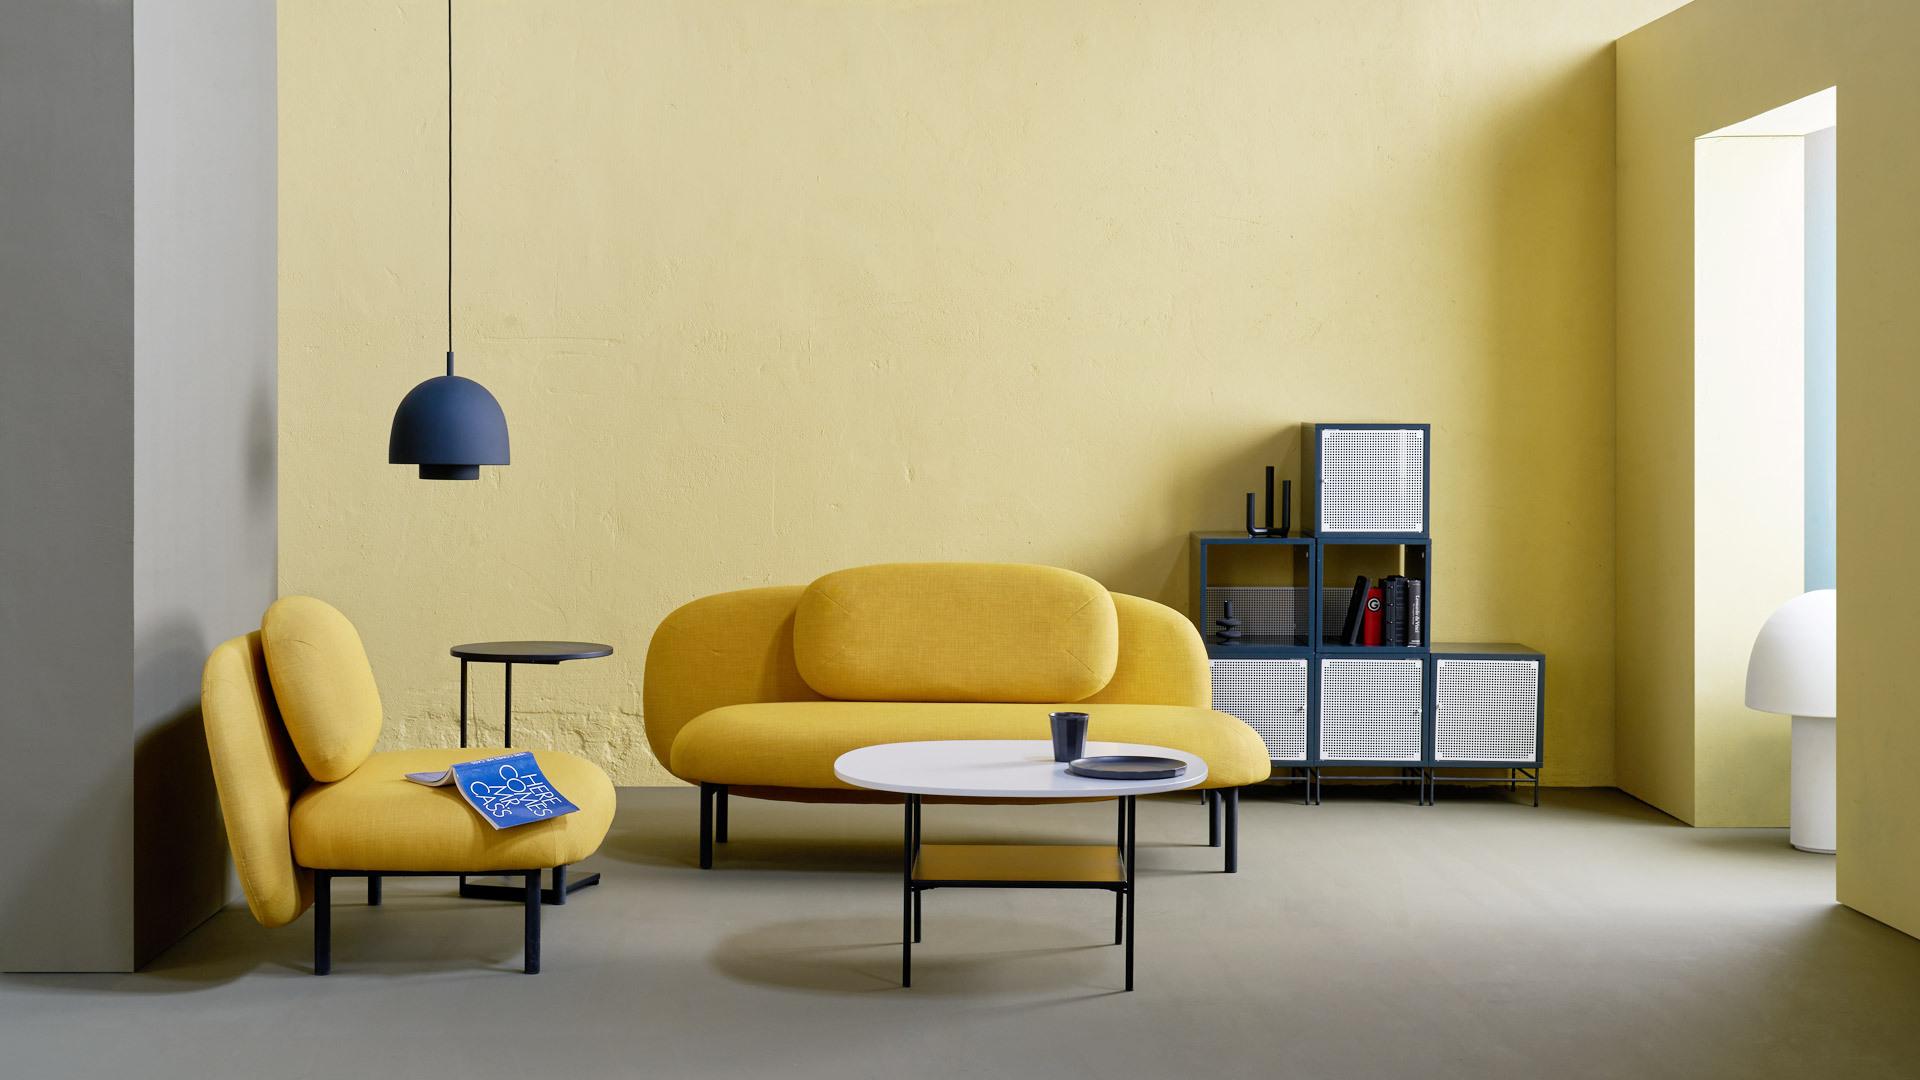 黄与黑的开放围合,中小空间明媚之选